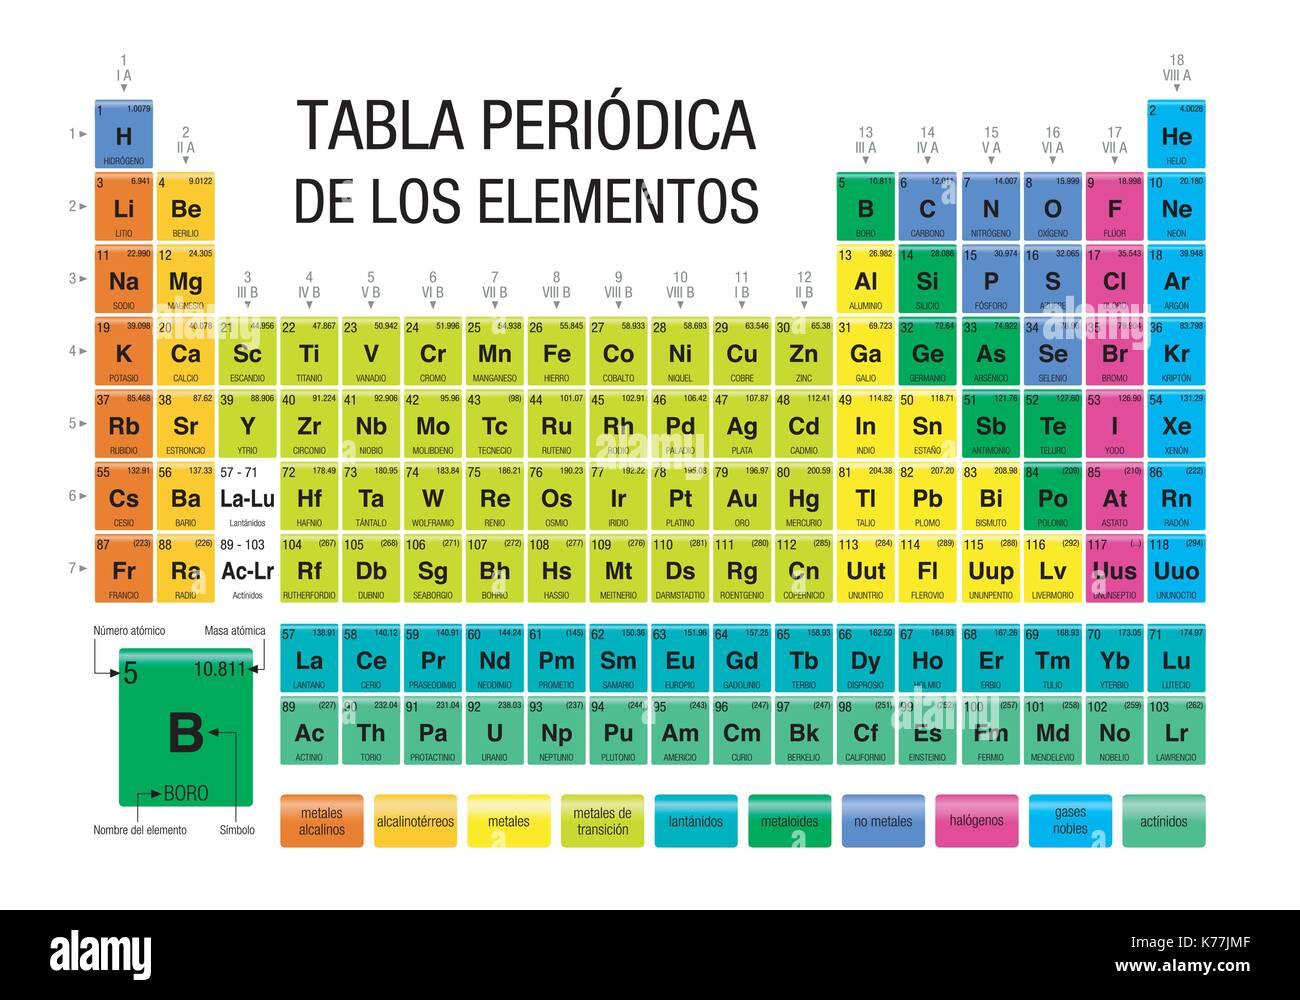 Tabla periodica de los elementos tabla peridica de elementos en tabla periodica de los elementos tabla peridica de elementos en lengua espaola qumica urtaz Choice Image